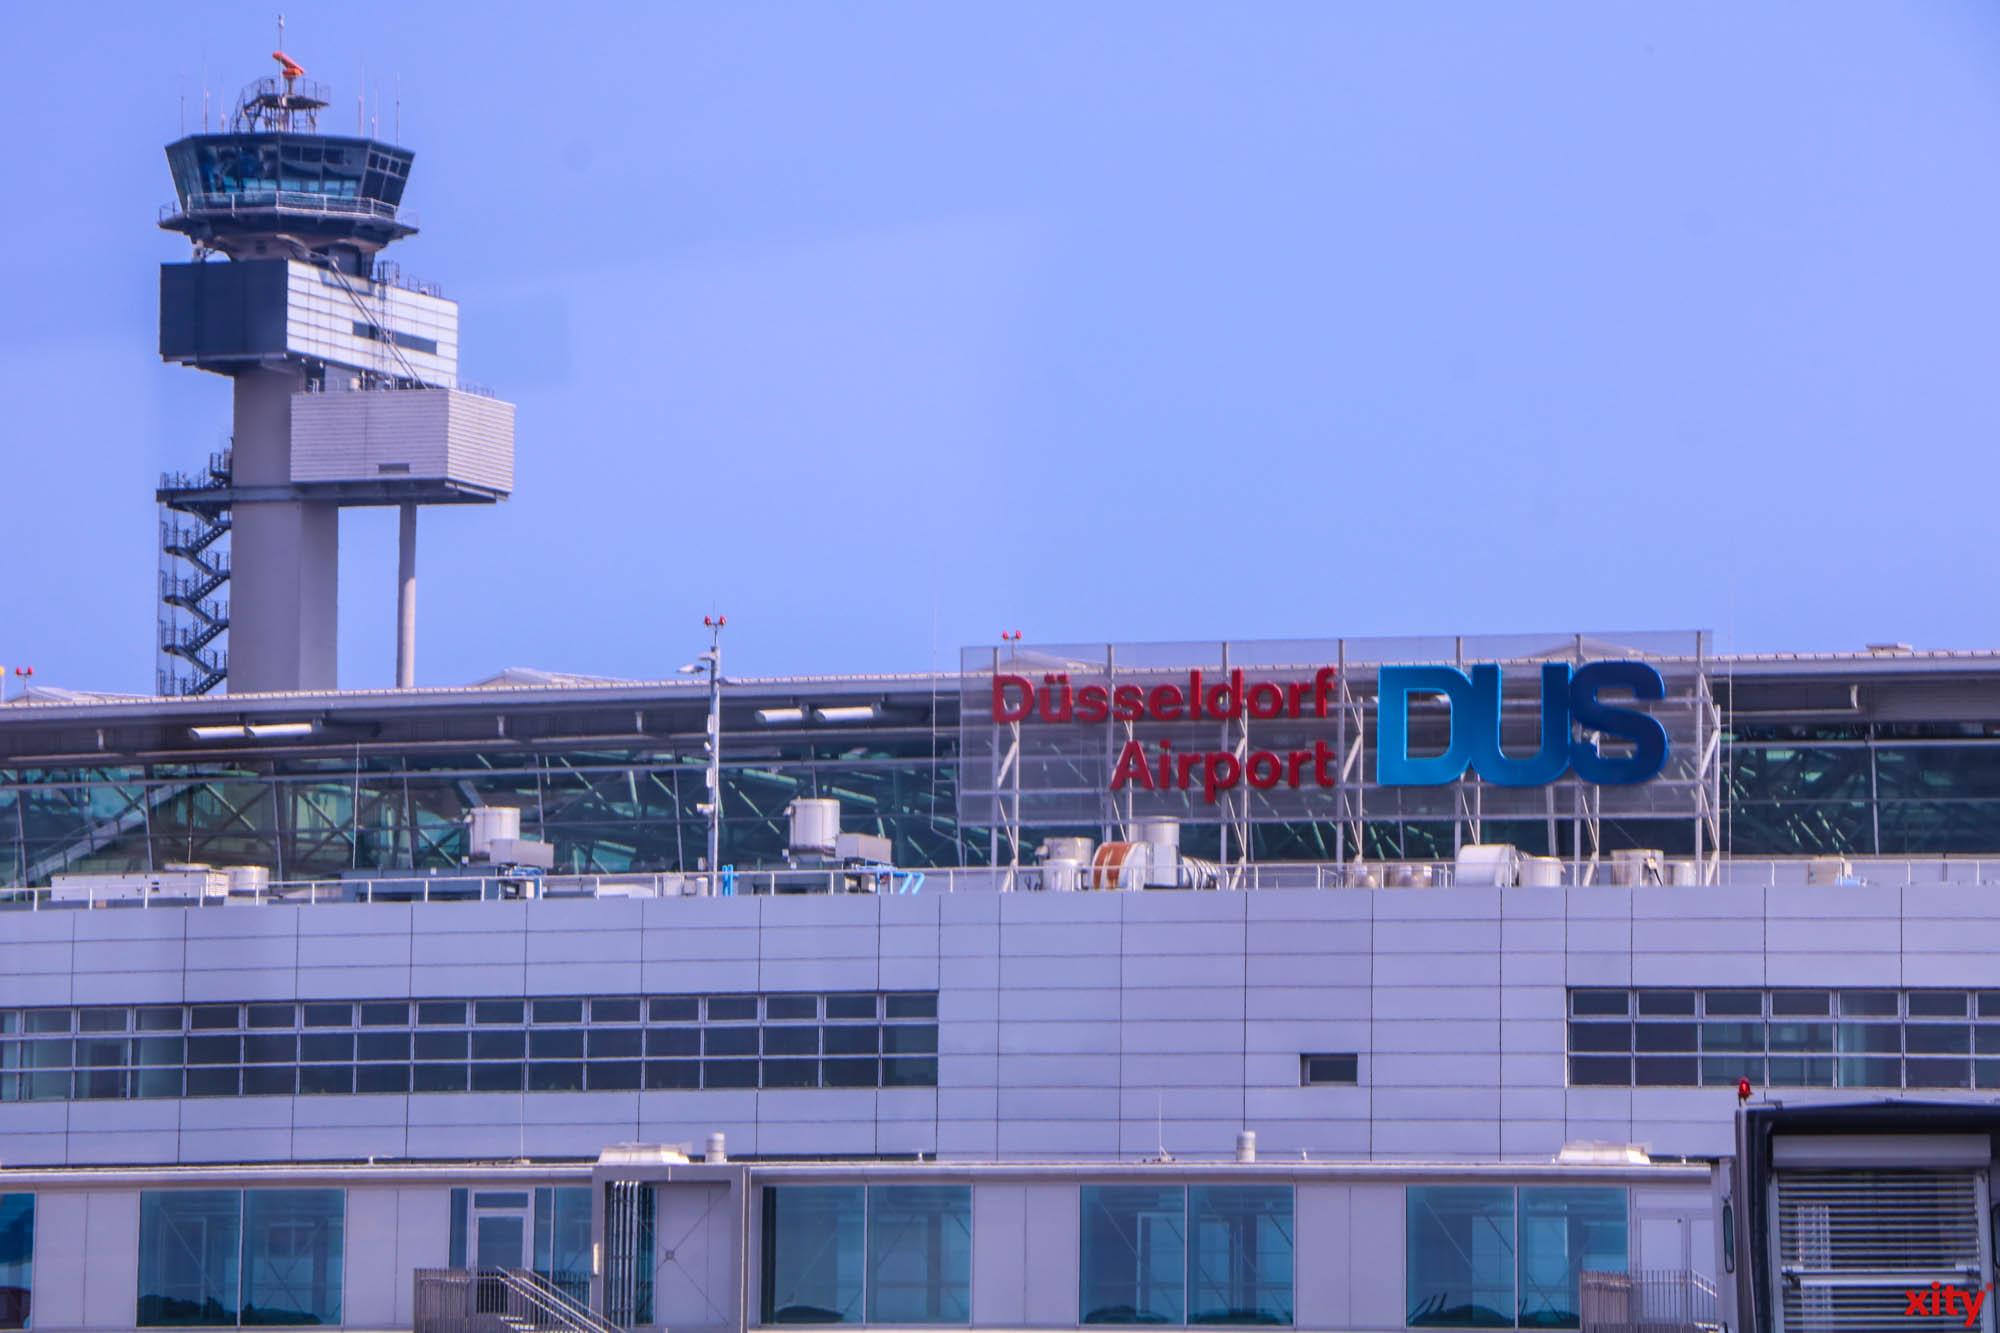 Herbstferien 2021: Düsseldorfer Airport erwartet rund 765.000 Fluggäste (Foto: xity)